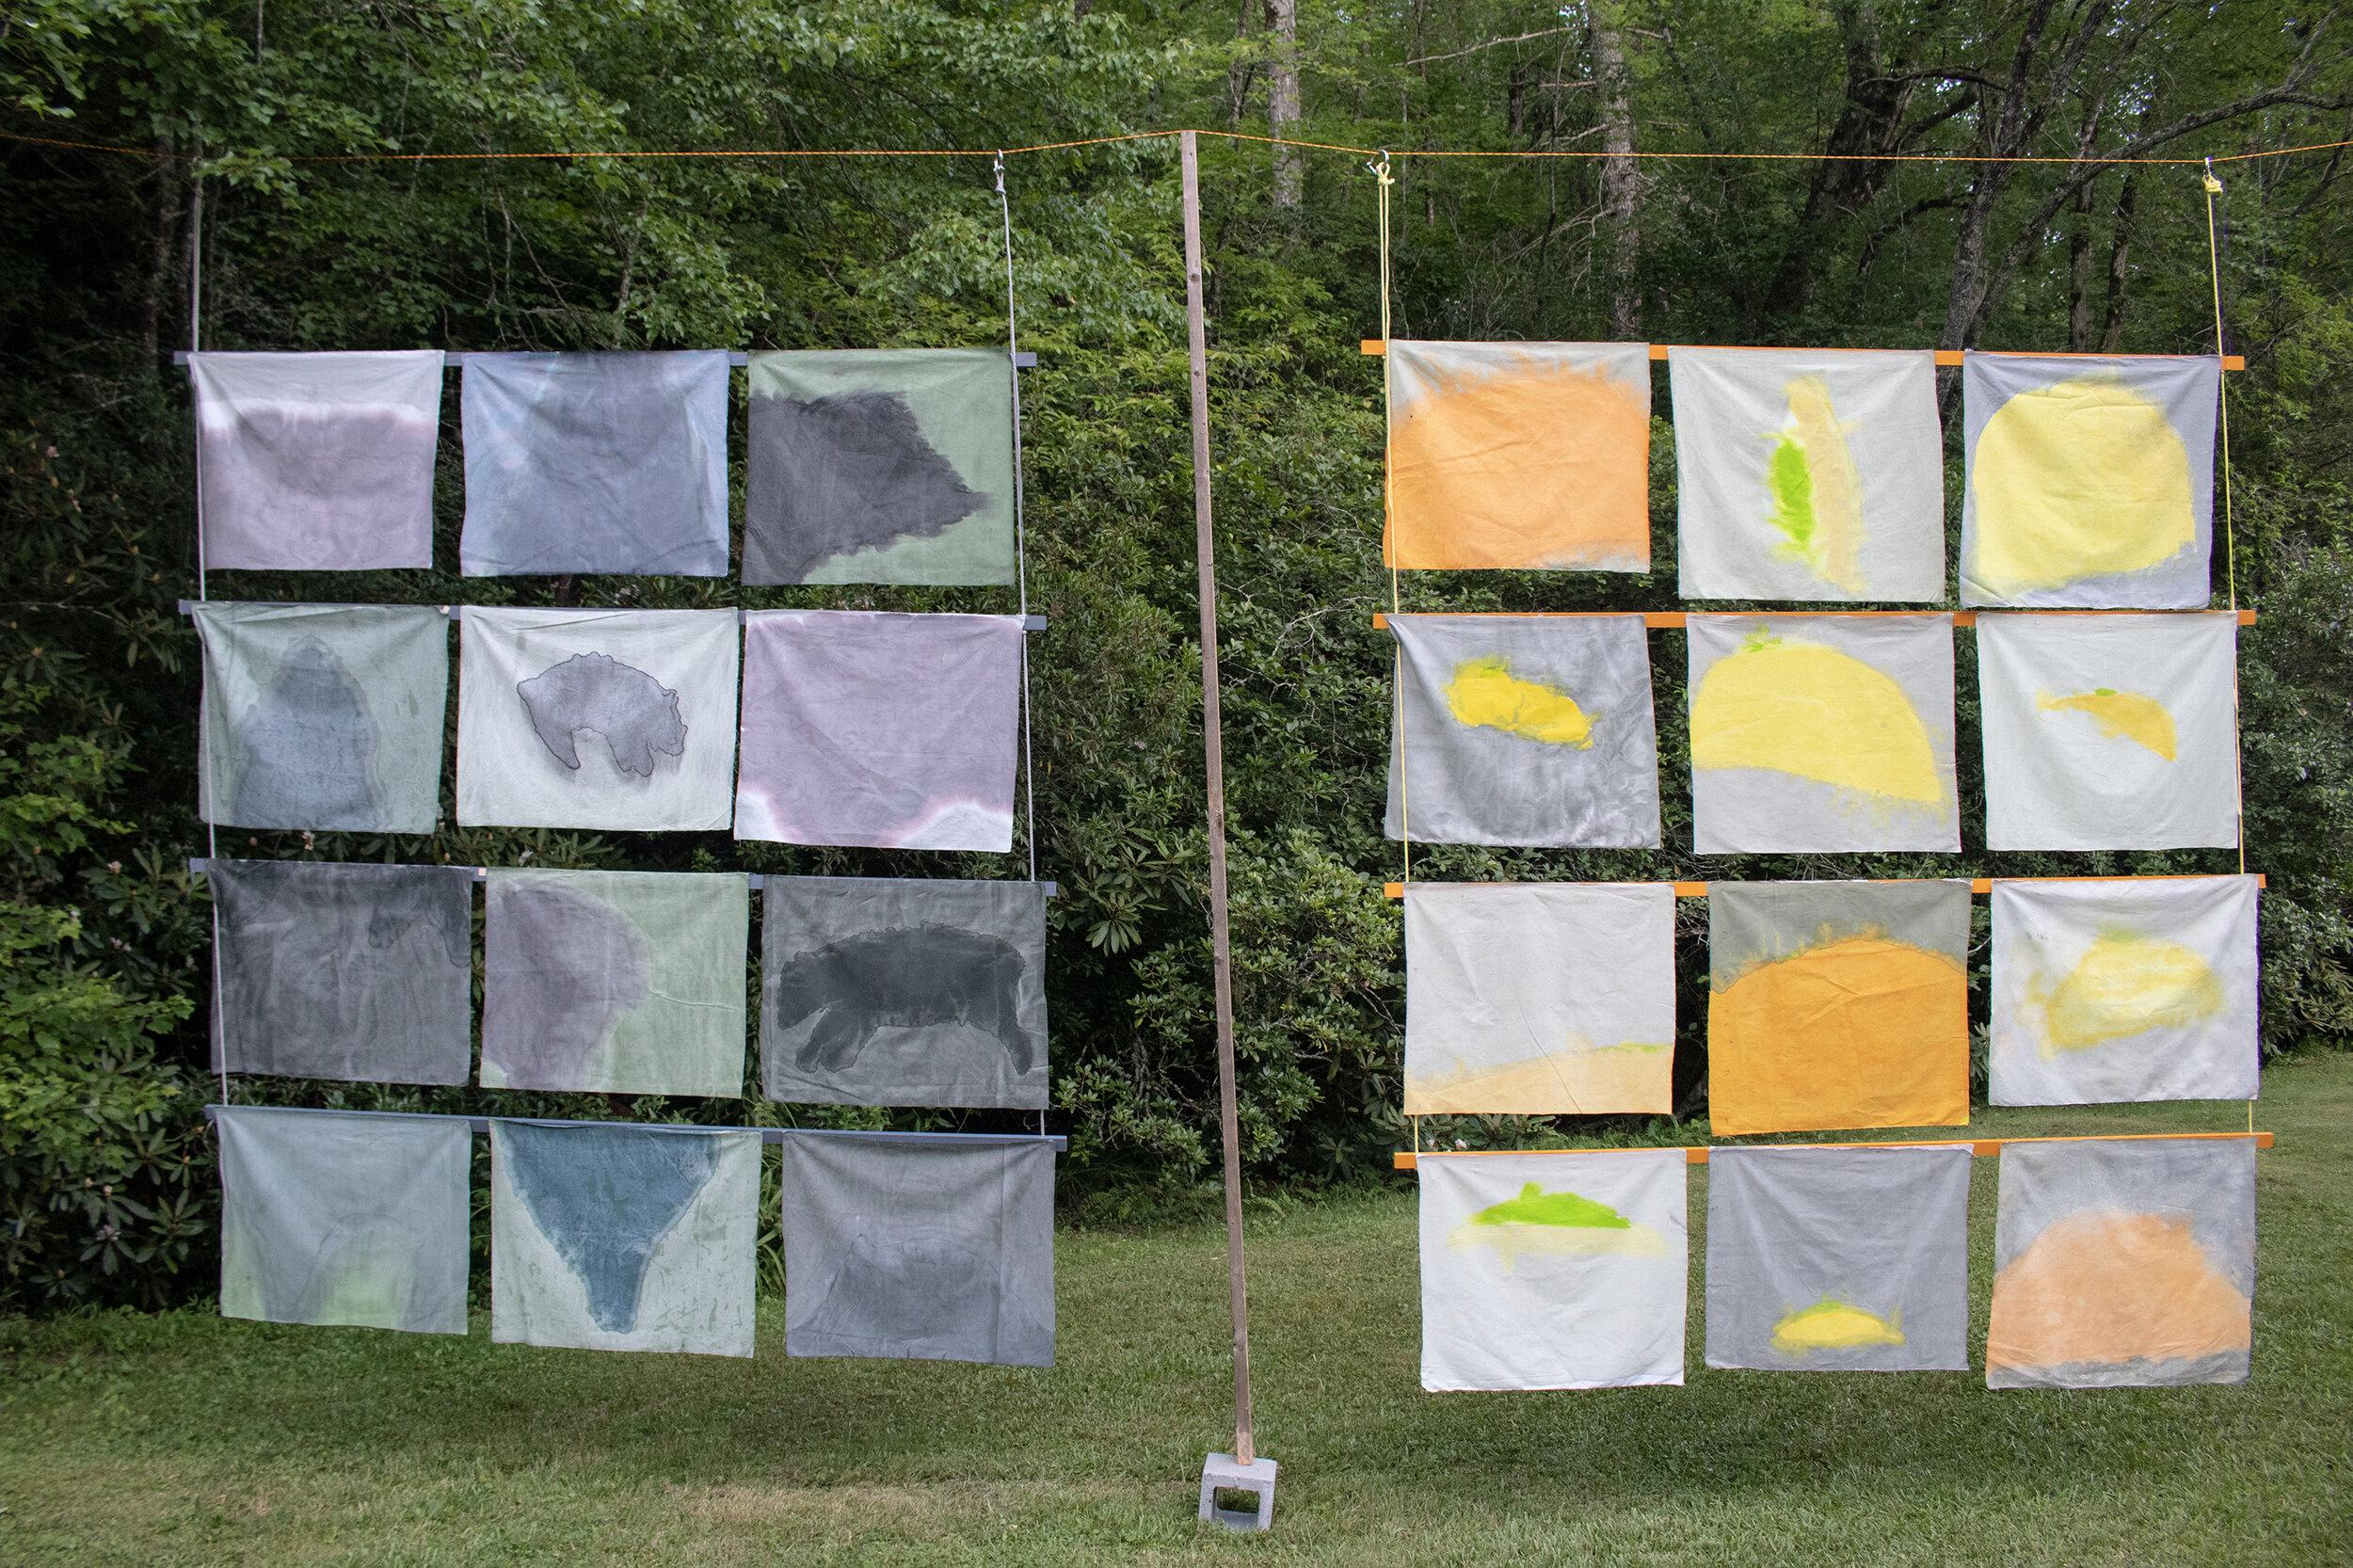 Song of Amergin II, 2019, Acrylic, dye, muslin, rope, wood, cinder blocks